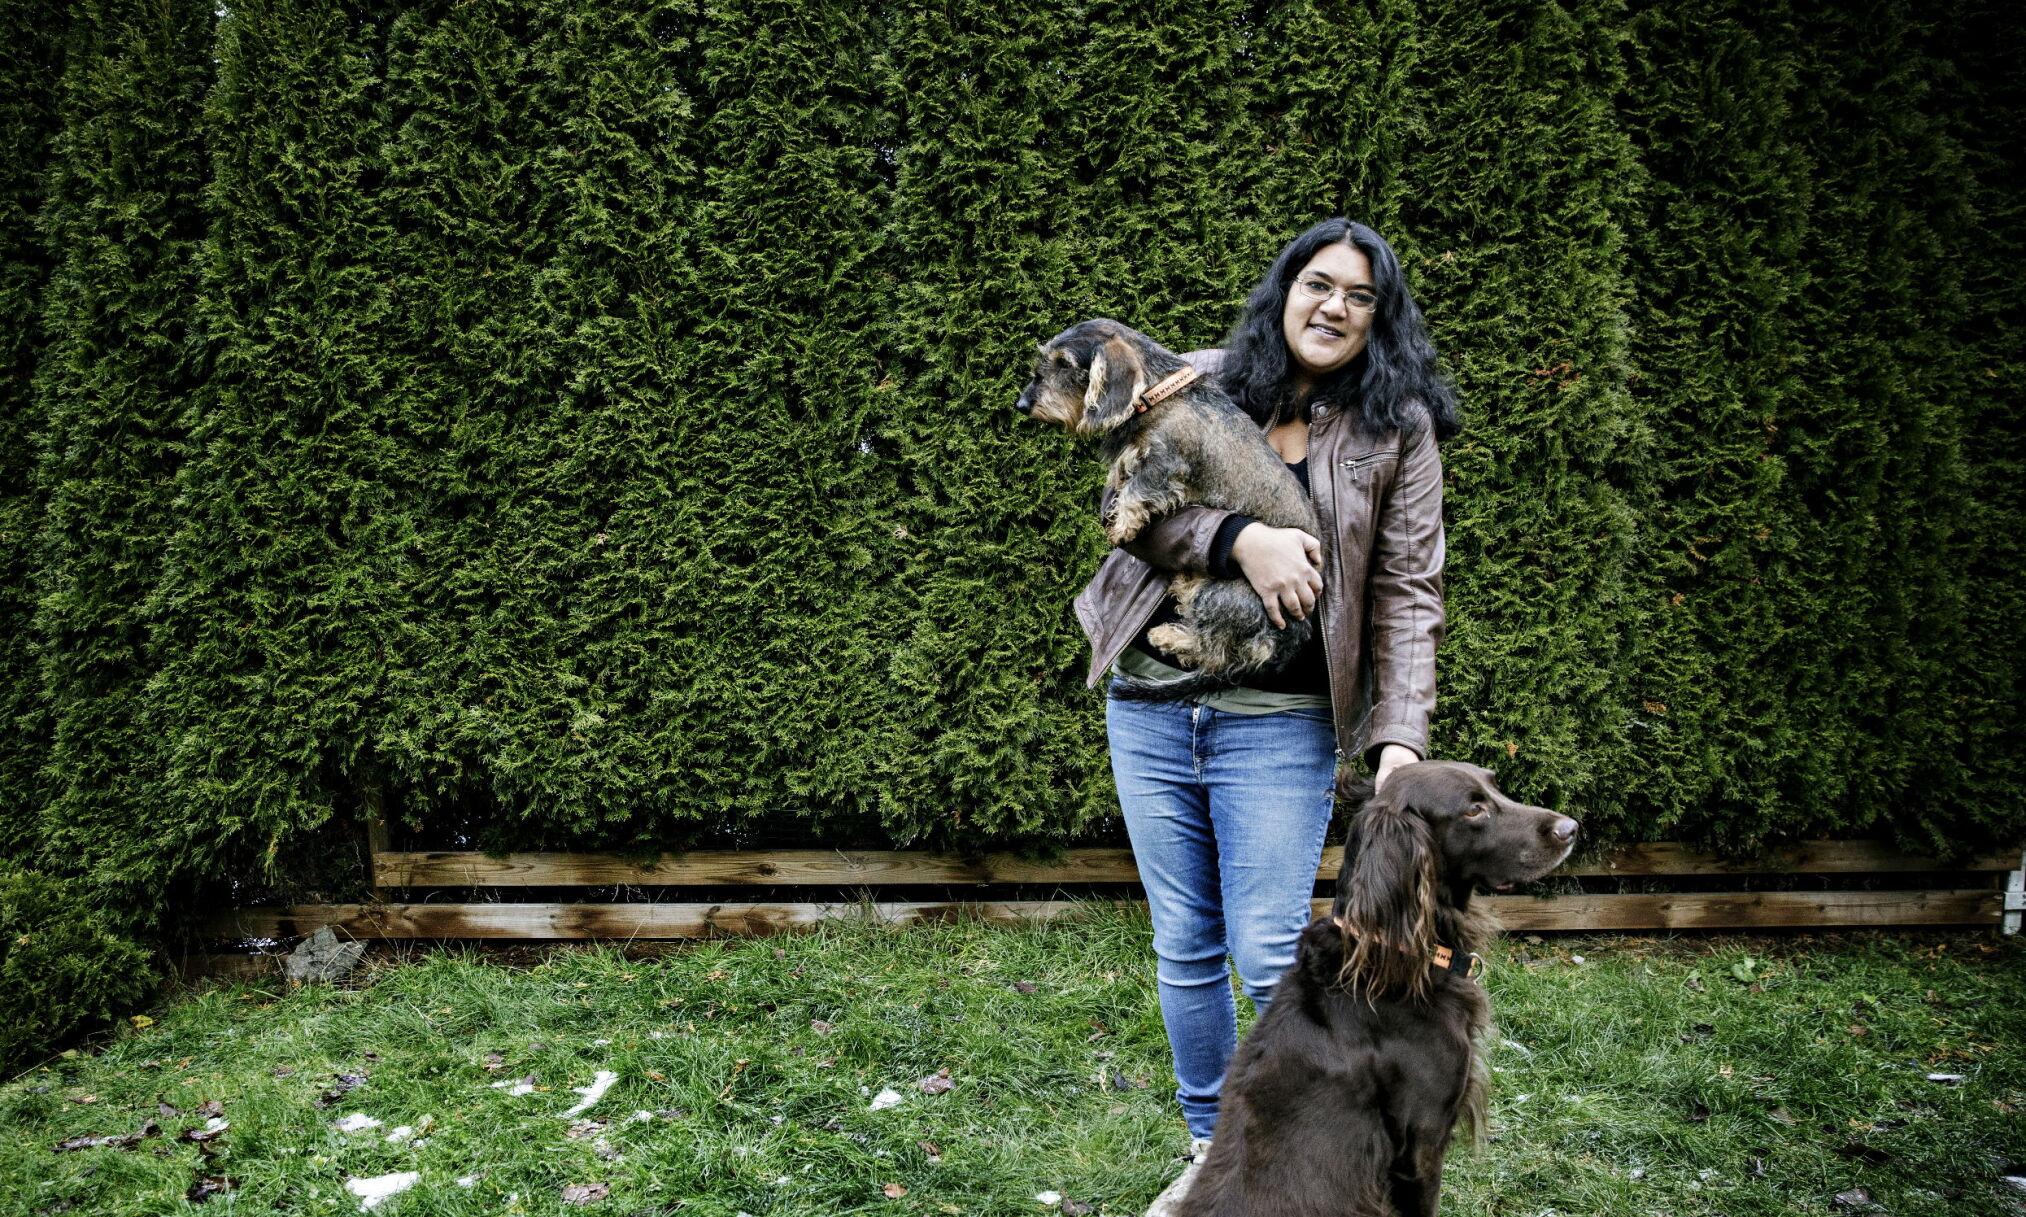 ET HUNDELIV: Liv Kiøsterud ble adoptert fra Bangladesh til Norge da hun var et halvt år. I voksen alder ble hun diagnostisert med MS. Hun har to hunder; en dachs og en vorsteh, som gjør at hun kommer seg ut på tur mens mann og barn er på skole og jobb. Foto: Nina Hansen